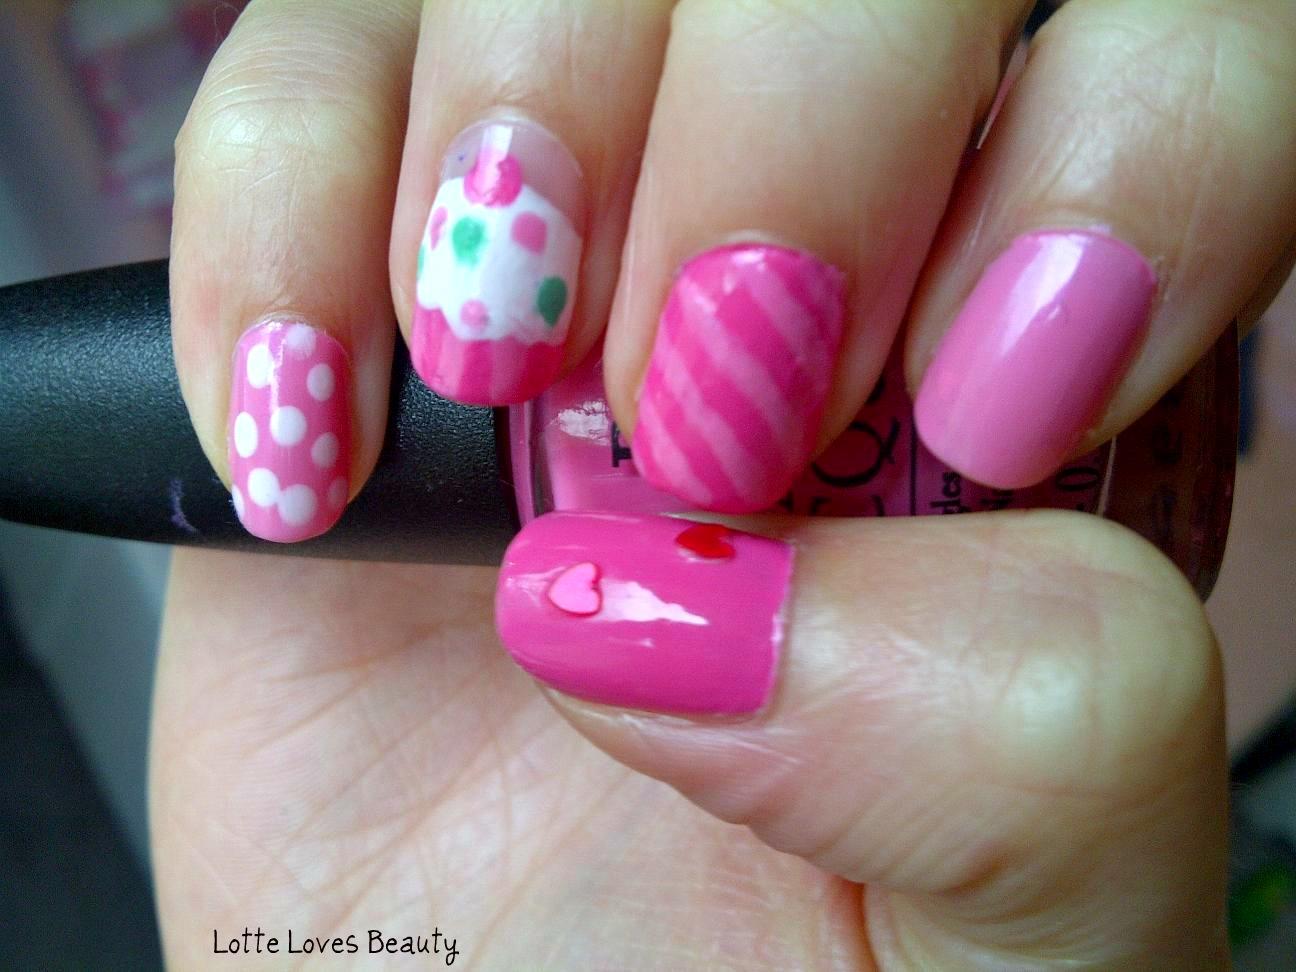 Notd Pink Nail Art Lotte Loves Beauty